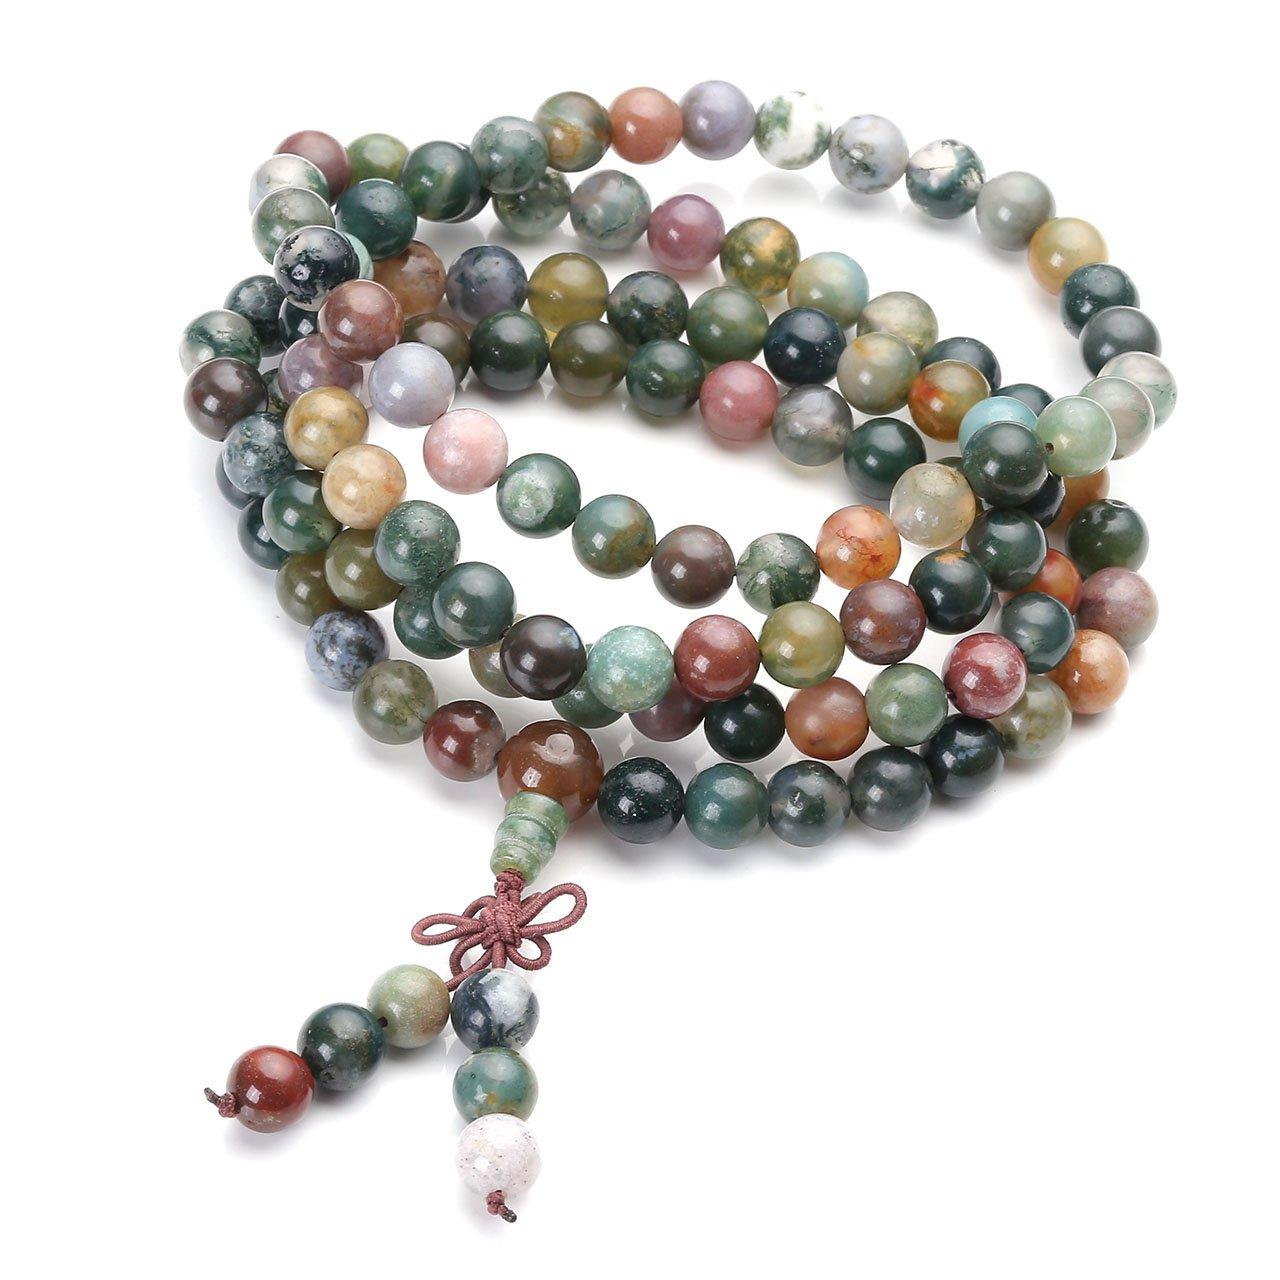 Jovivi 108 Mala Prayer Beads Necklace 8mm Natural Indian Agate Gemstone Healing Crystal Stone Strech Bracelets by Jovivi